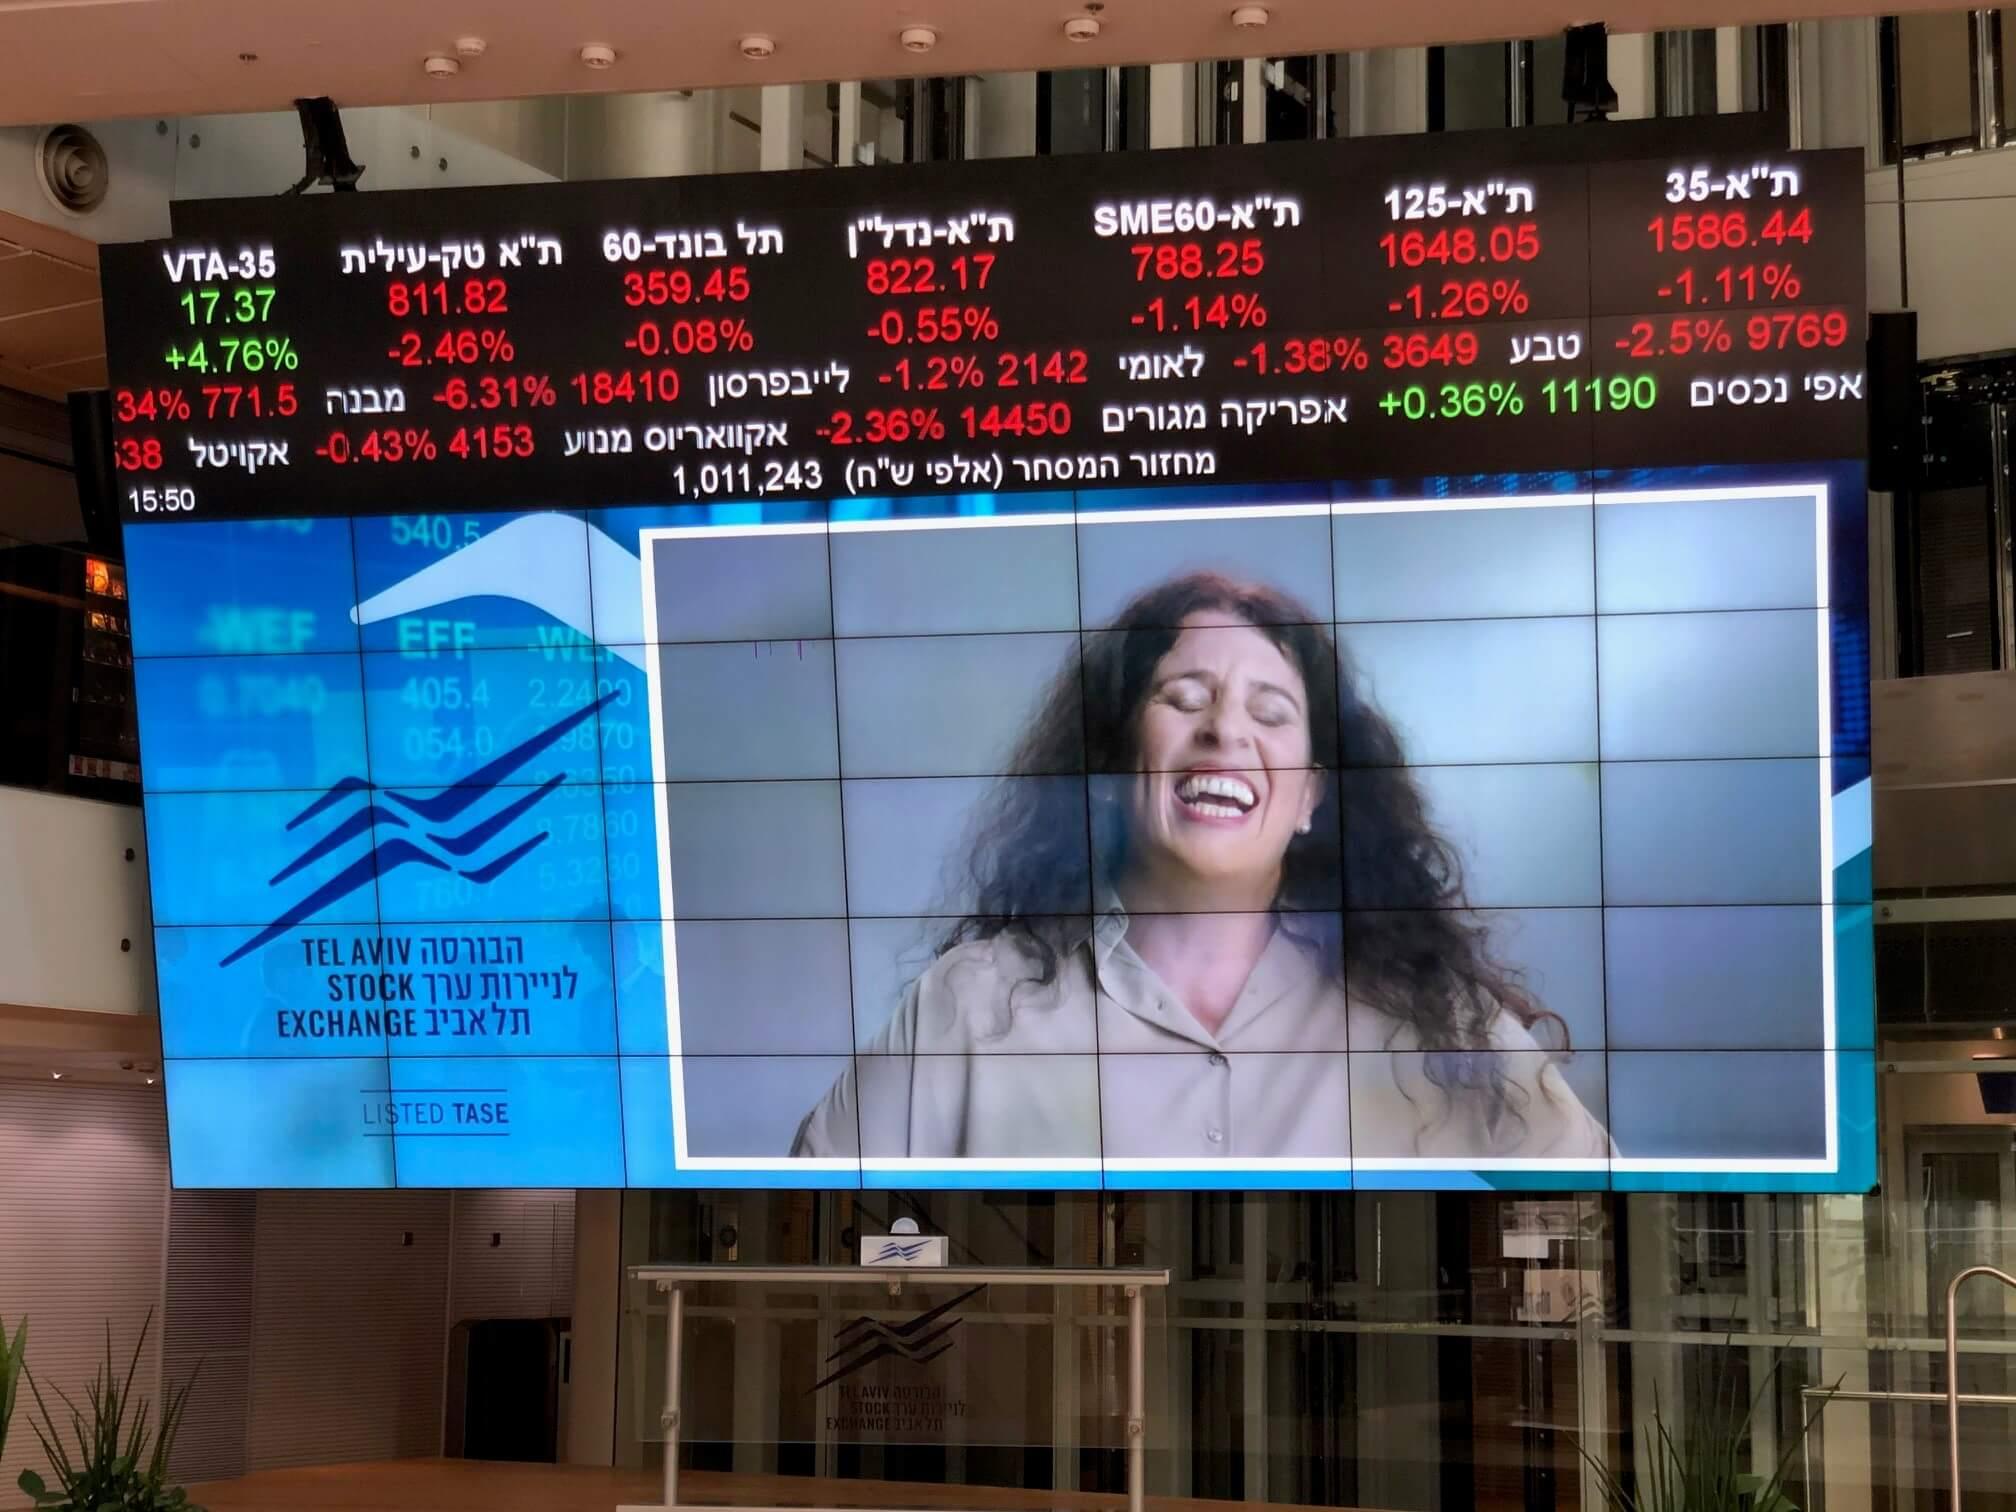 סיכום מדדי הבורסה - בכמה עלה מדד תא 90 משיא משבר הקורונה ? ניחוש, שלוש ספרות